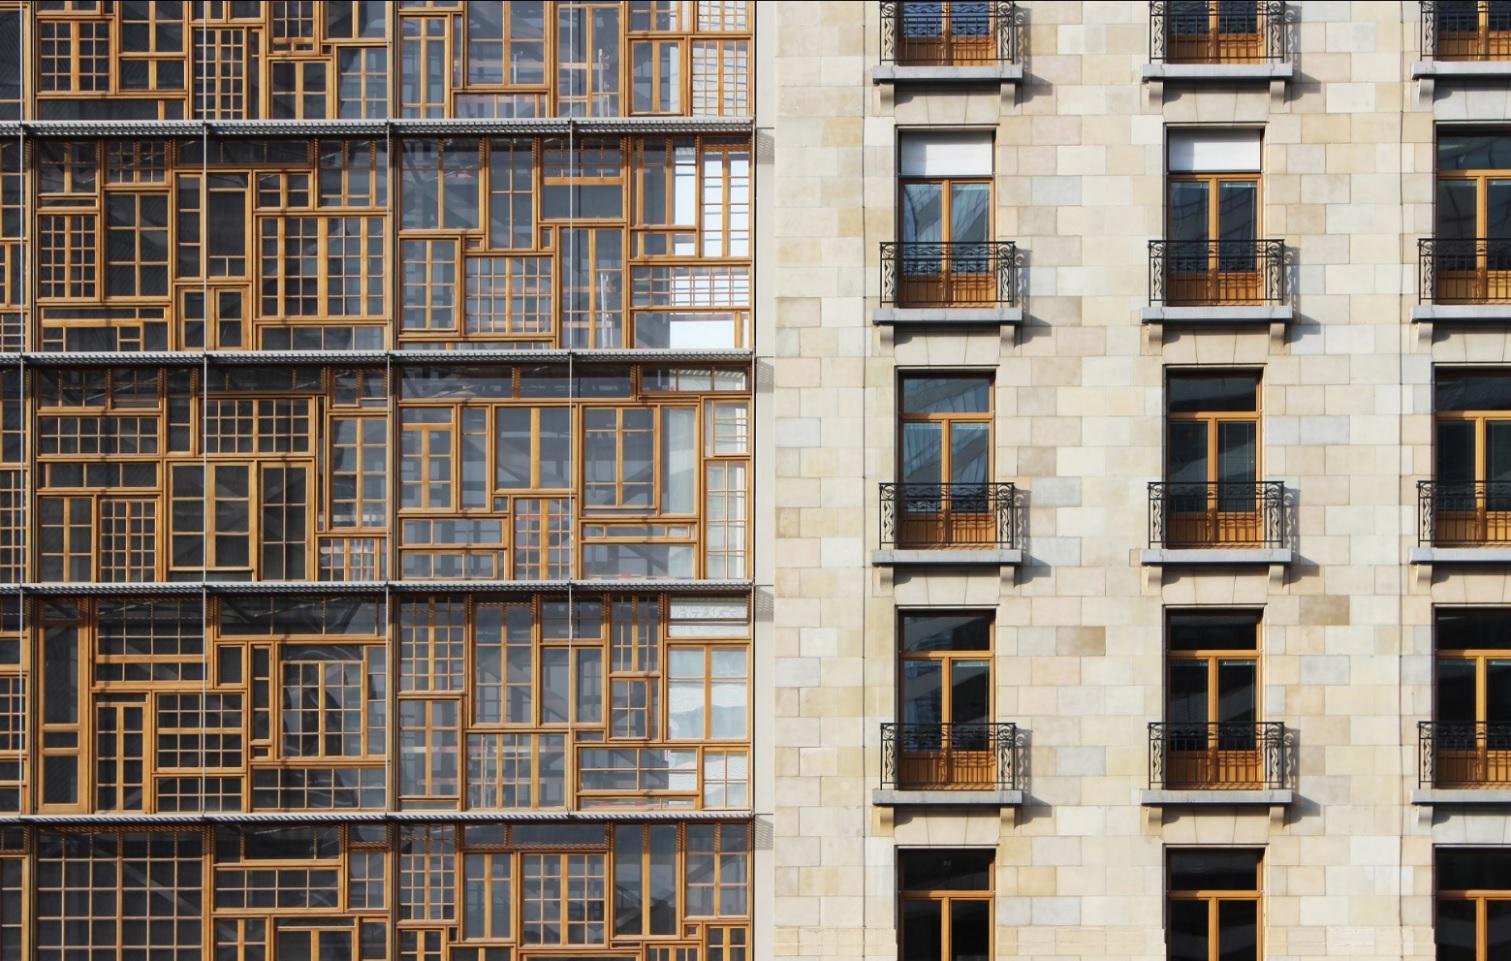 façade réutilisant structure de fenêtre - réemploi